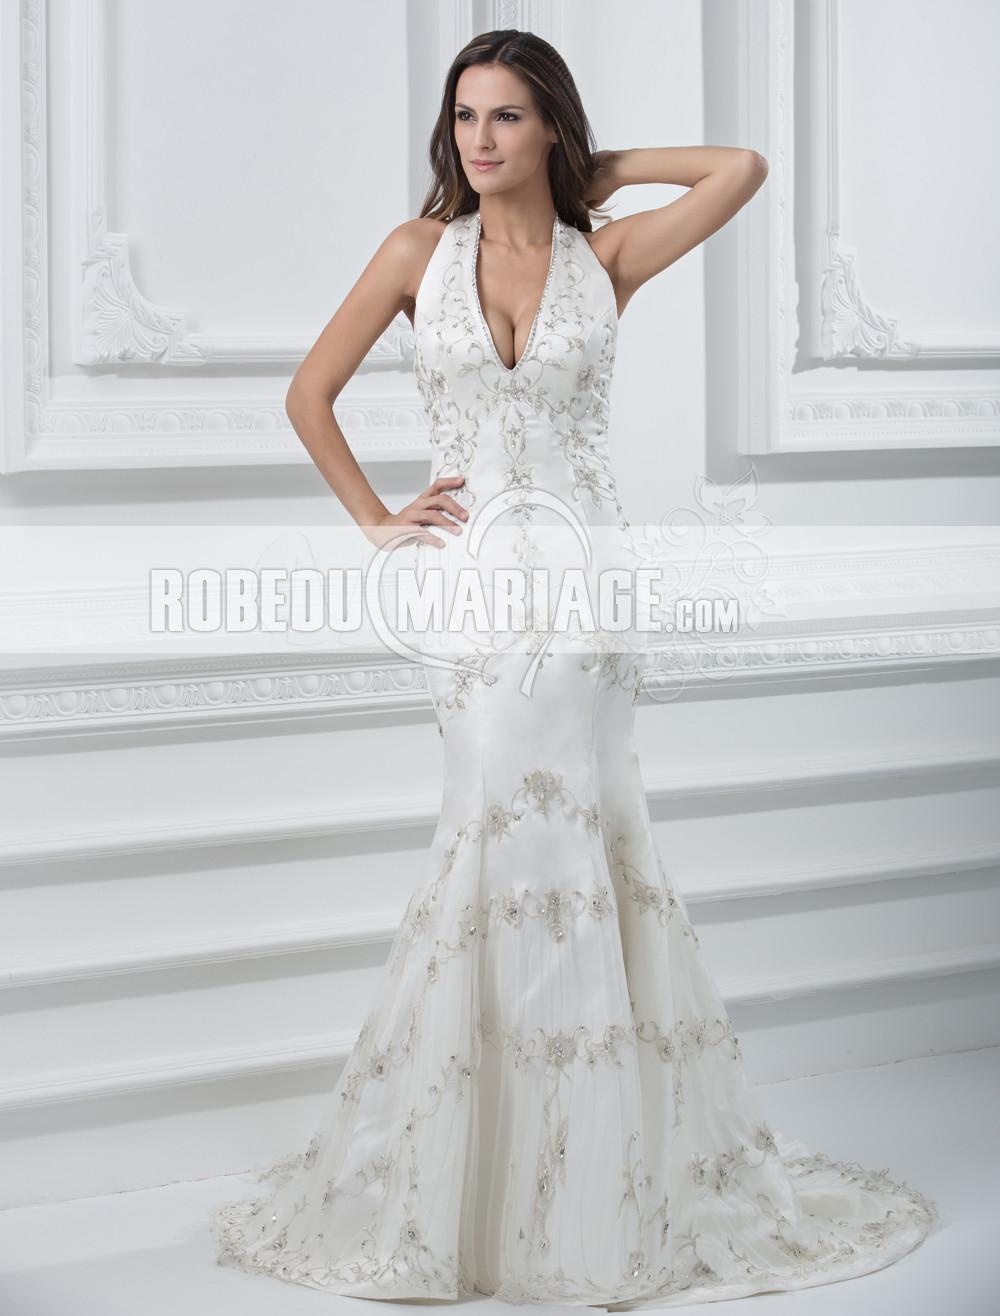 ... de mariée classique > Classique col en v robe de mariée pas cher